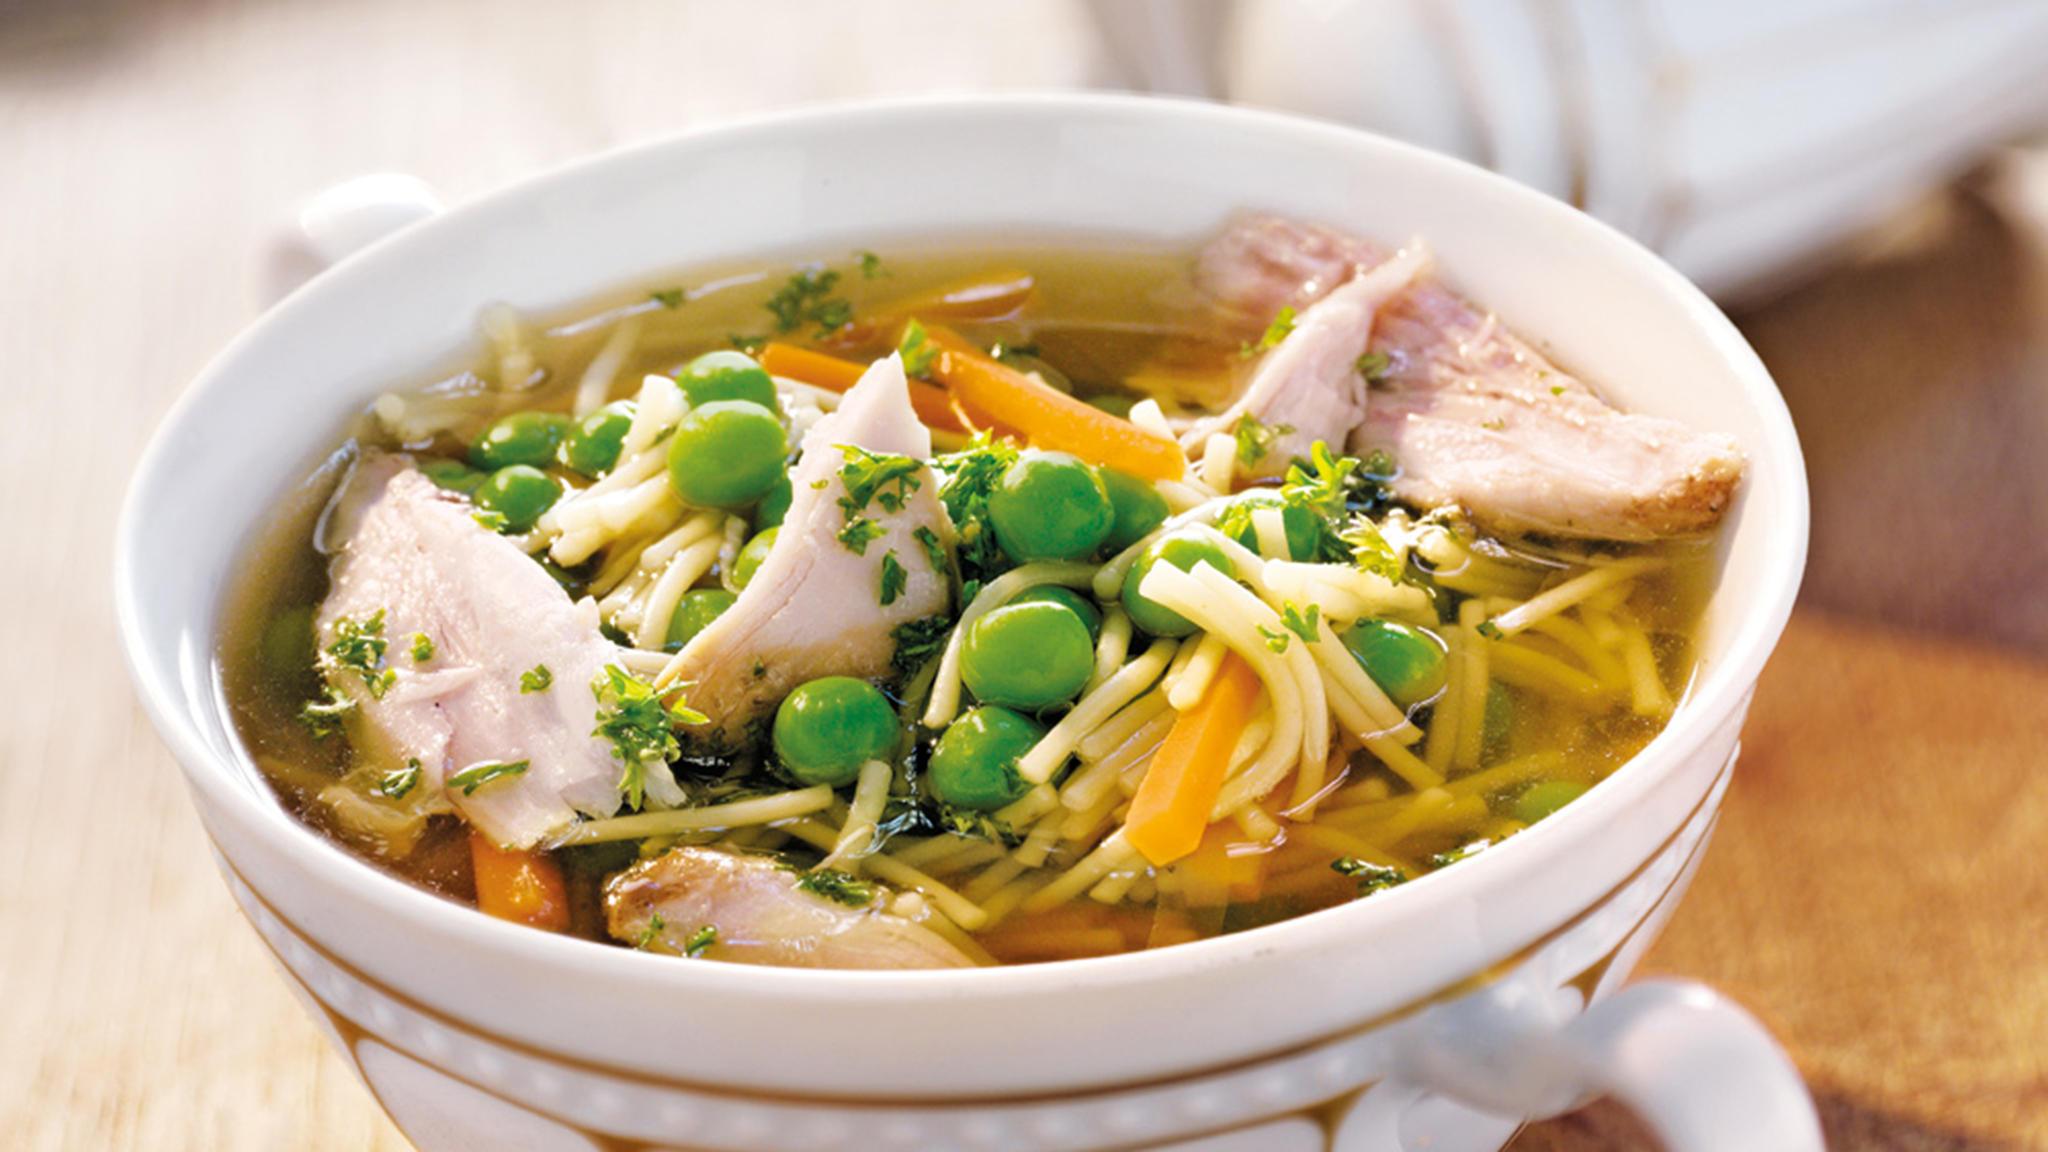 glutenfreie Rezepte Hühnersuppe mit Gemüse